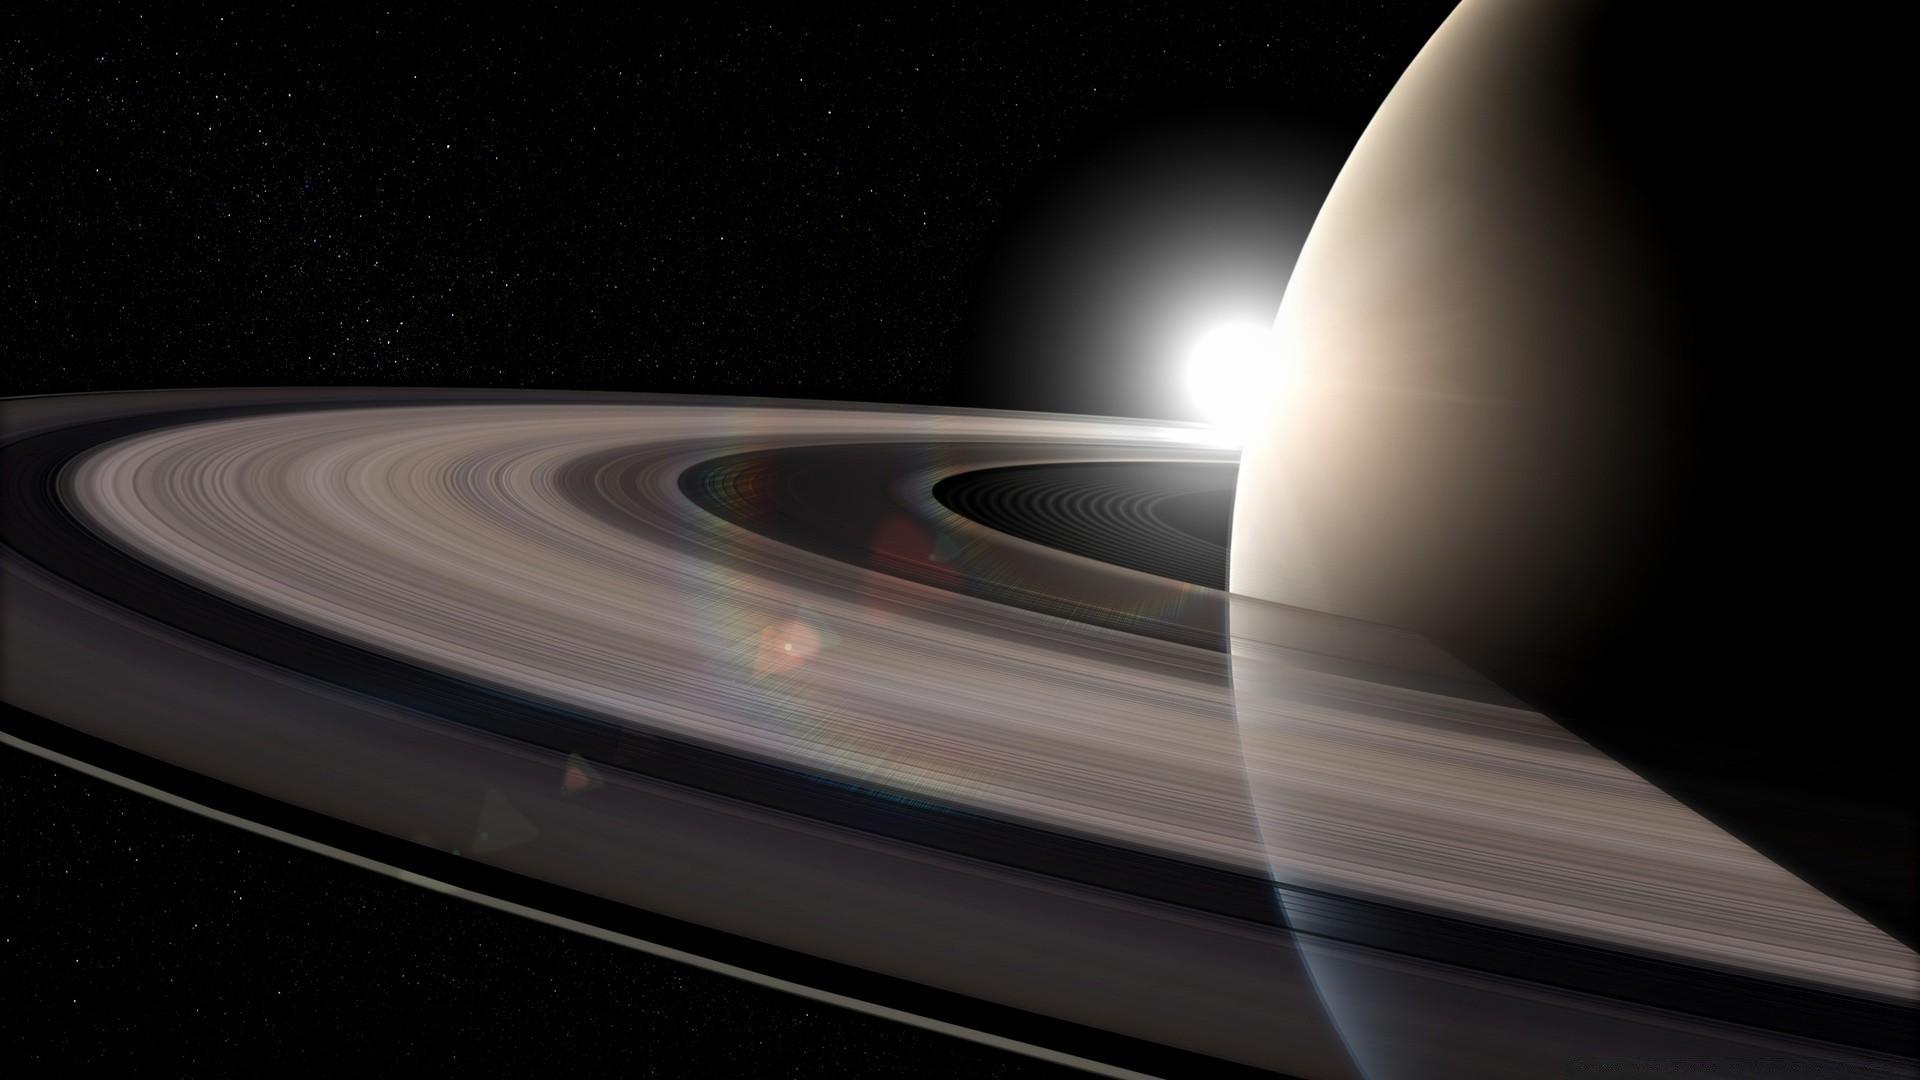 Saturn free hd wallpaper